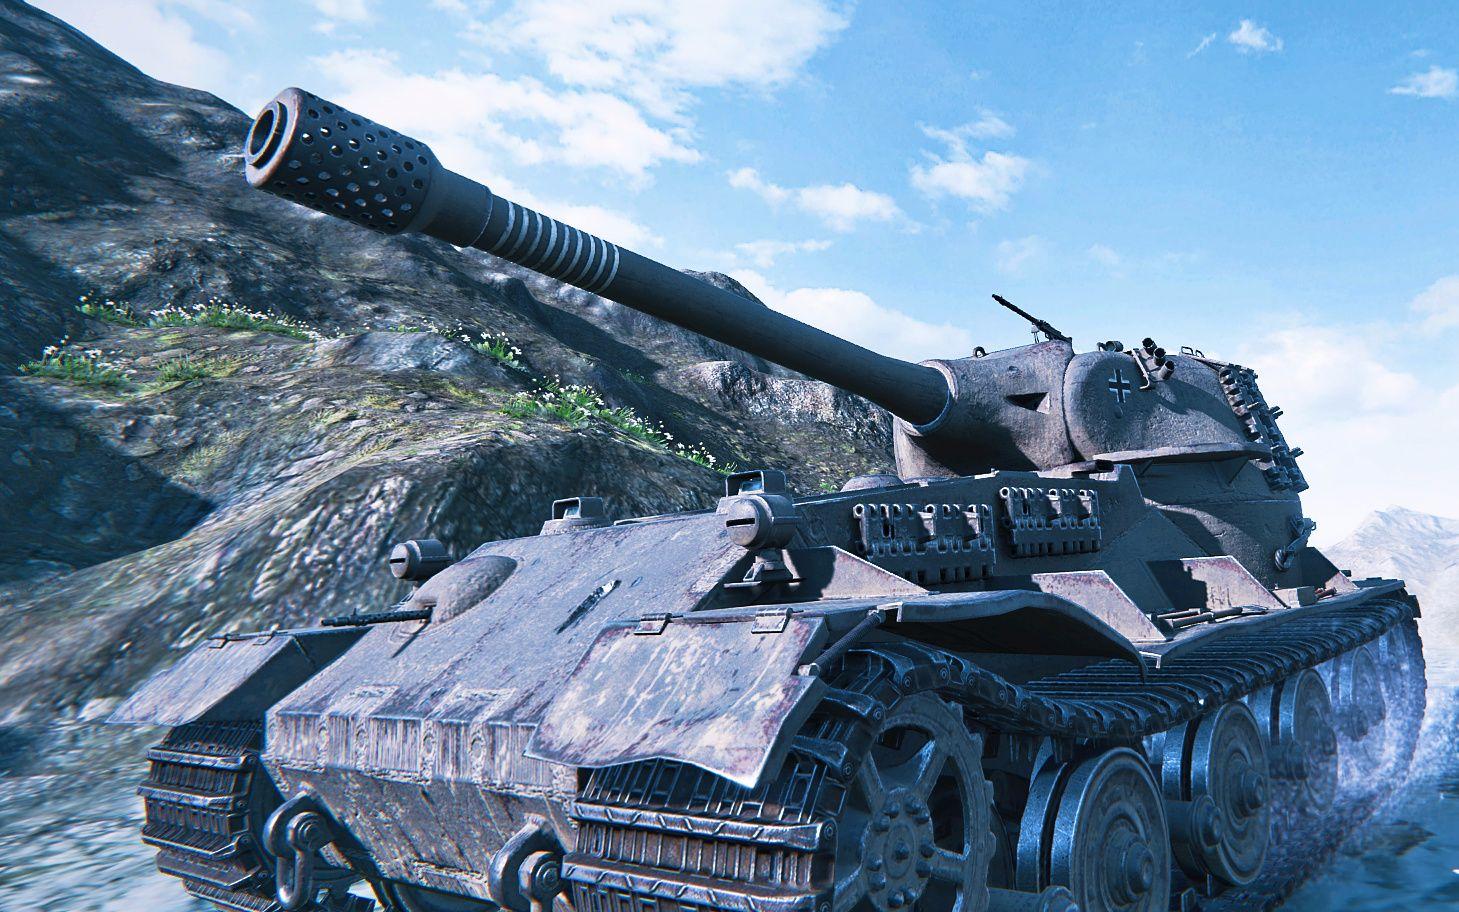 【坦克世界】vk7201 7000输出 关键时刻翻车 痛失万伤